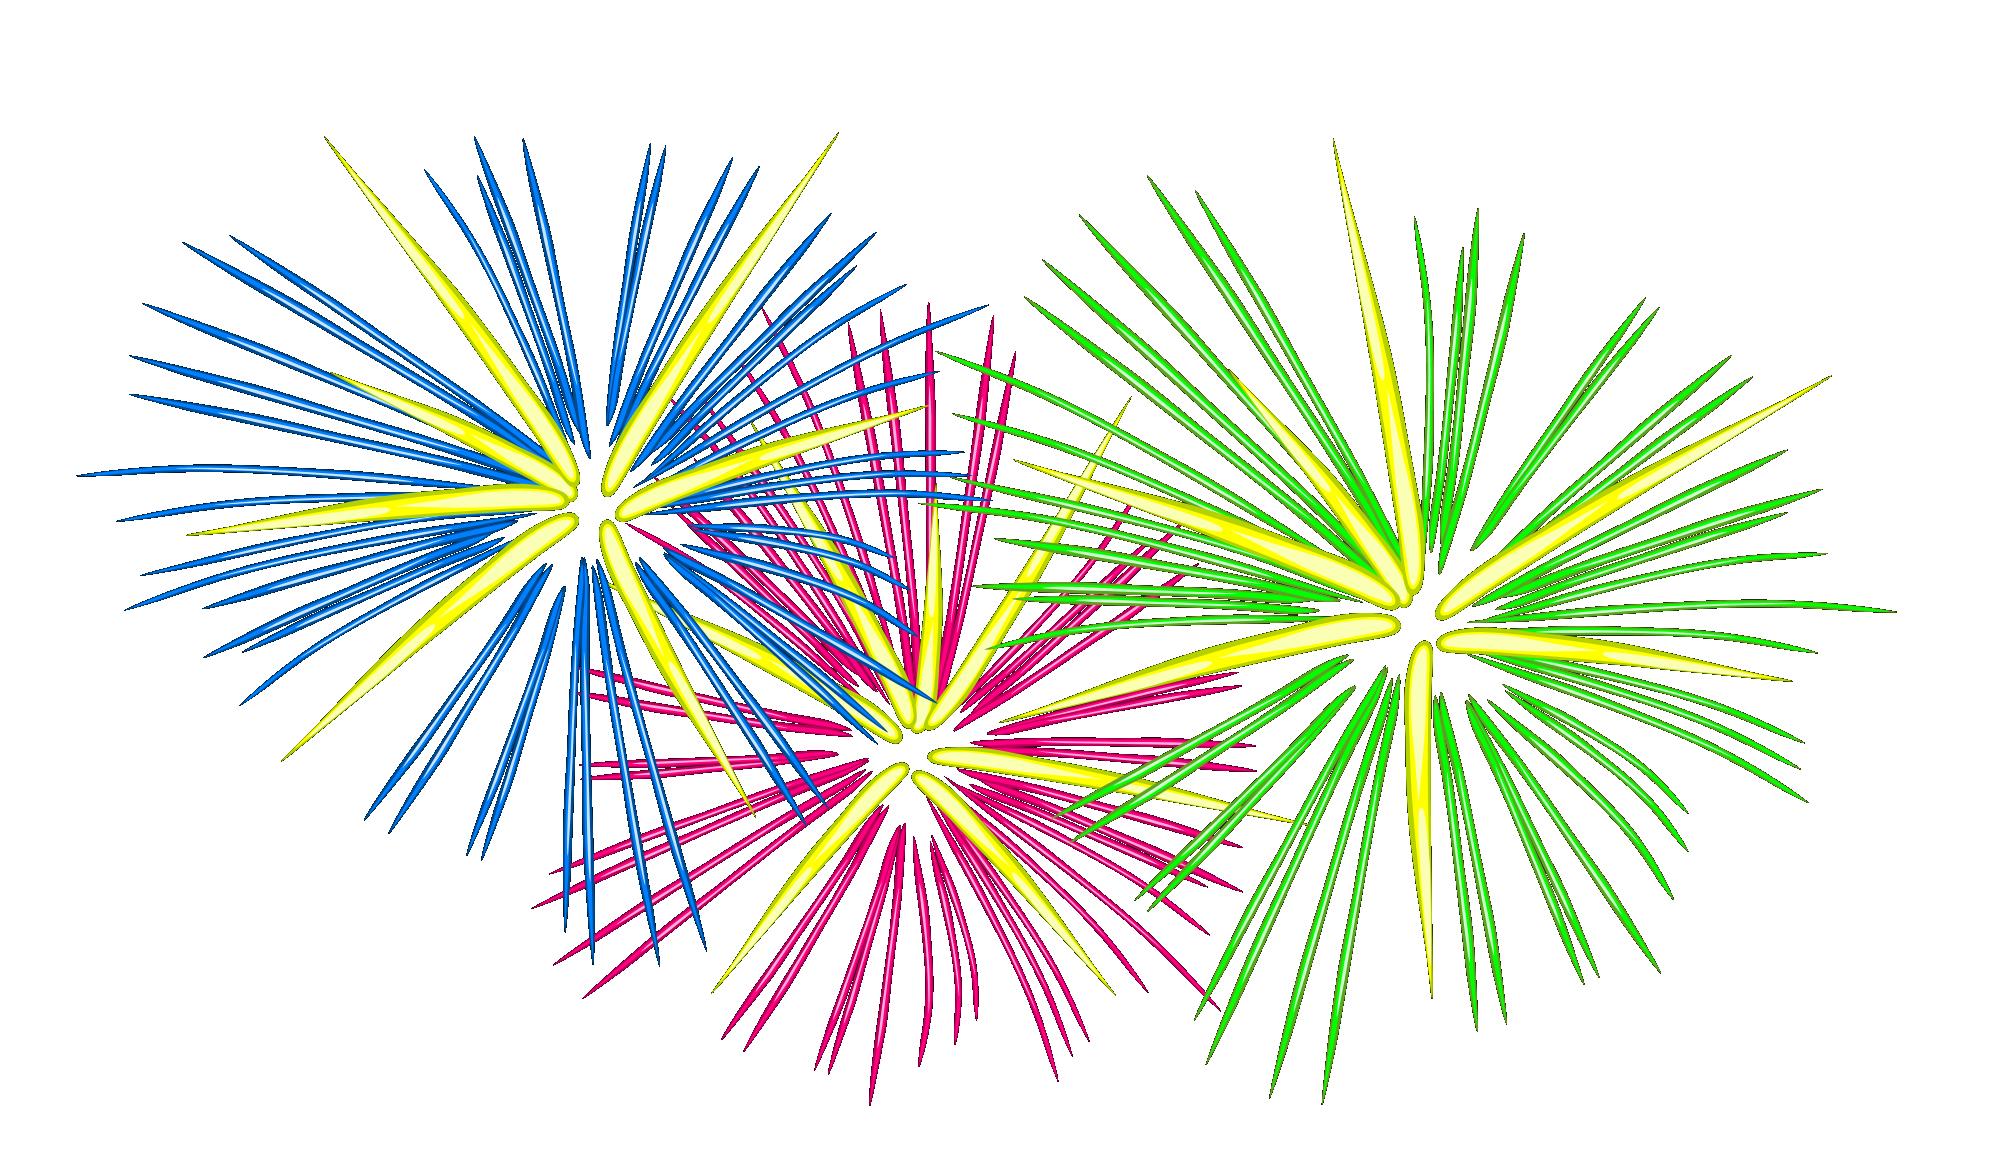 Description Fireworks 2 Png - Clipart Fireworks